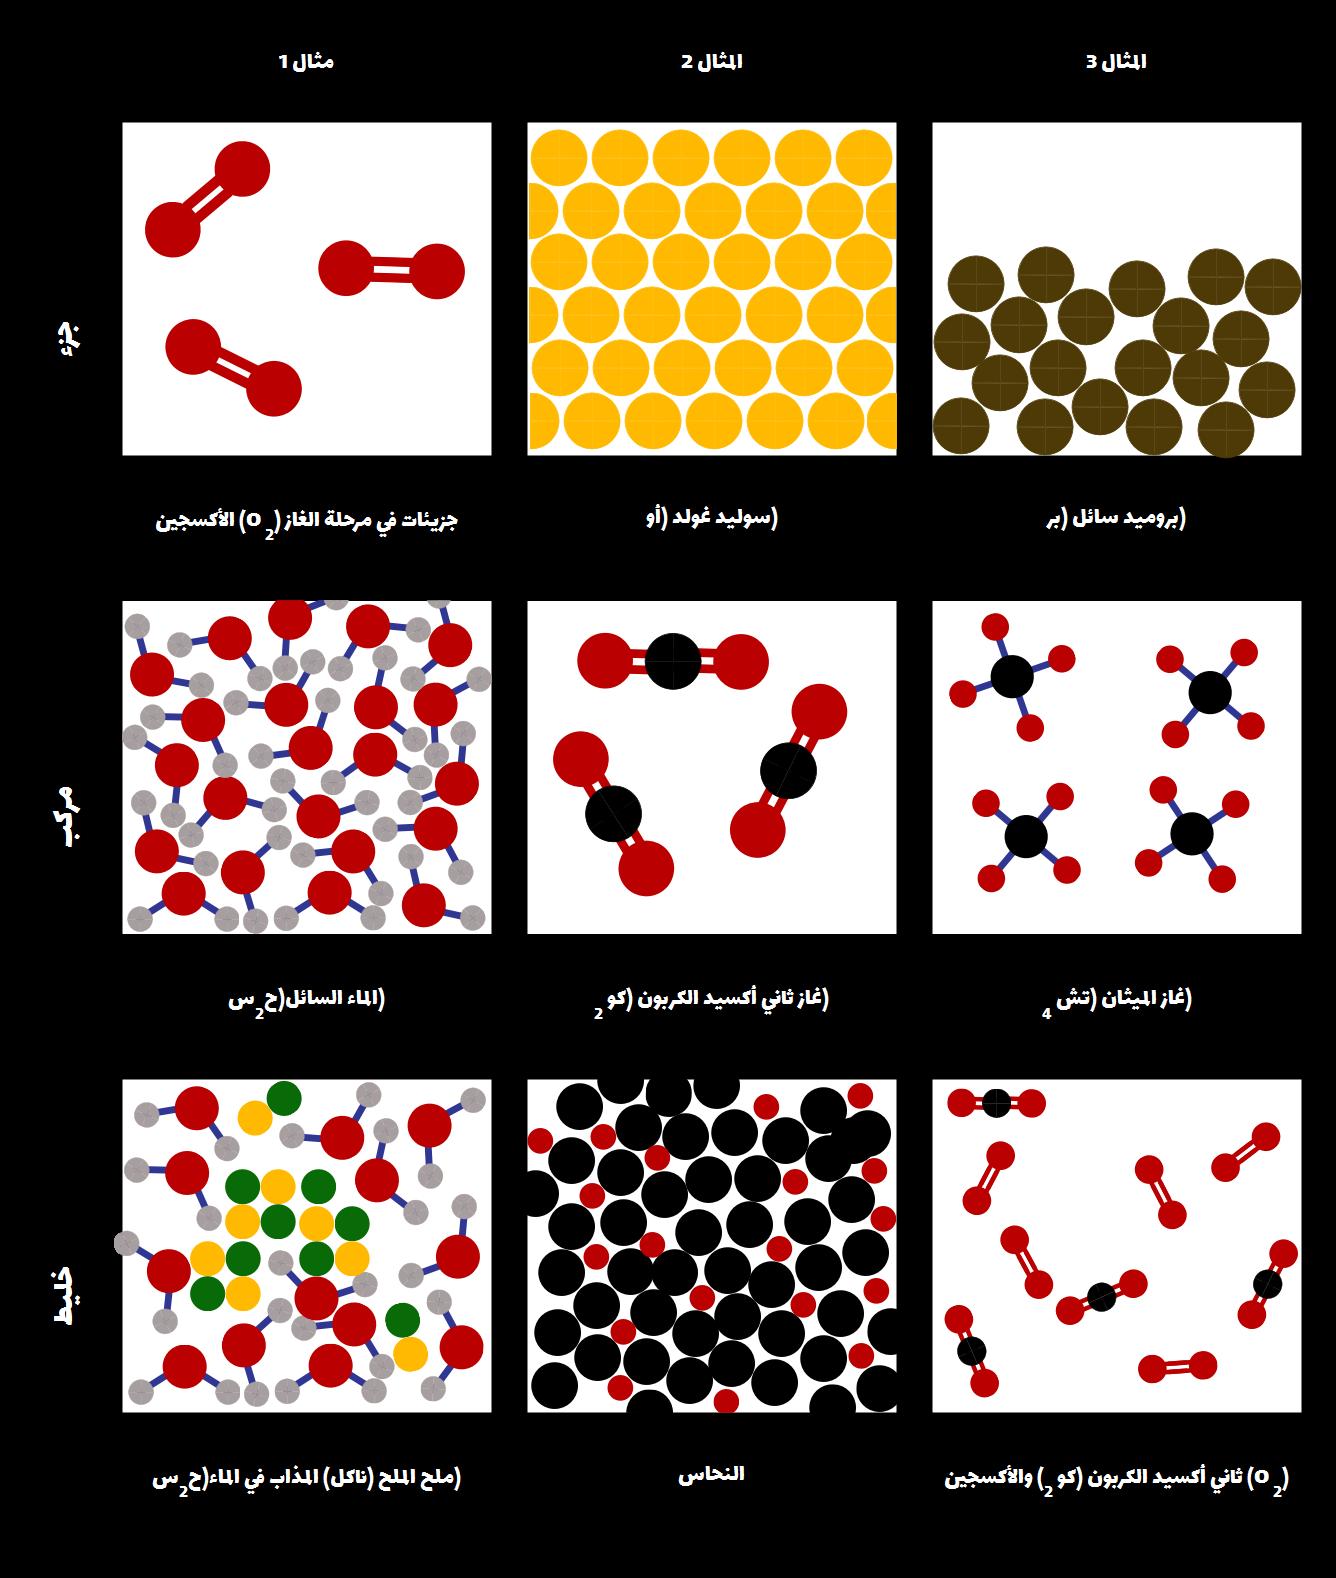 خلق نماذج العلوم الذرية النشاط